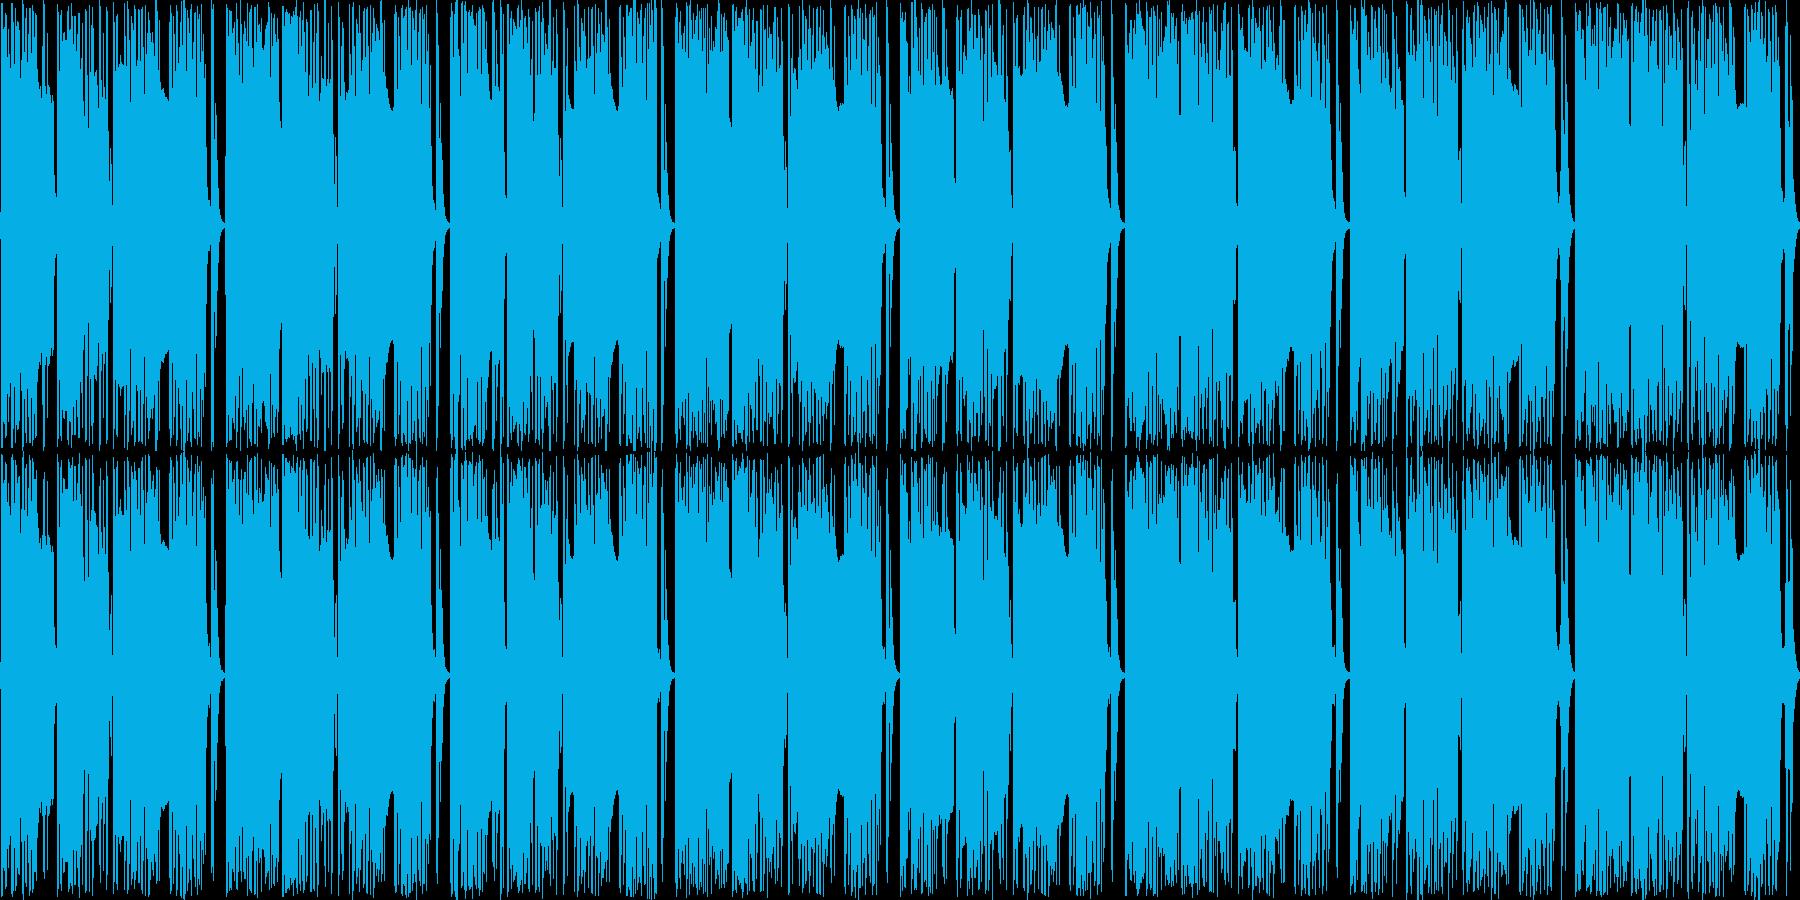 ほぼリズムだけですの再生済みの波形